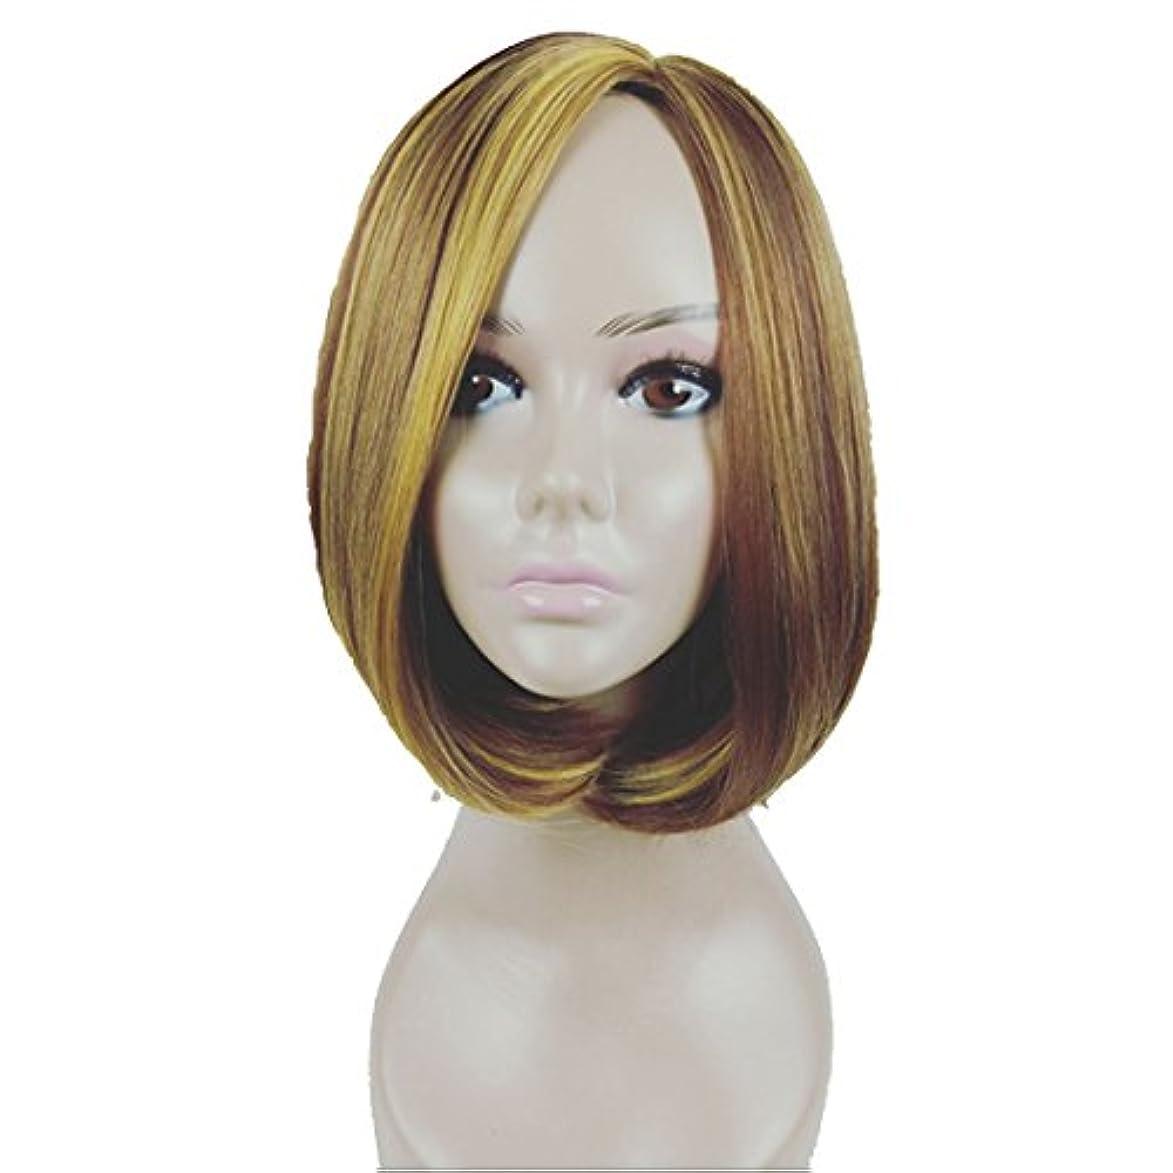 好奇心眉をひそめる幸福YOUQIU ボボヘッドウィッグのためにパーティーに分割前髪ウィッグ自然なロングウェーブウィッグを持つ女性人間の髪のためにショートストレートウィッグ160グラムウィッグ (色 : Black gold)